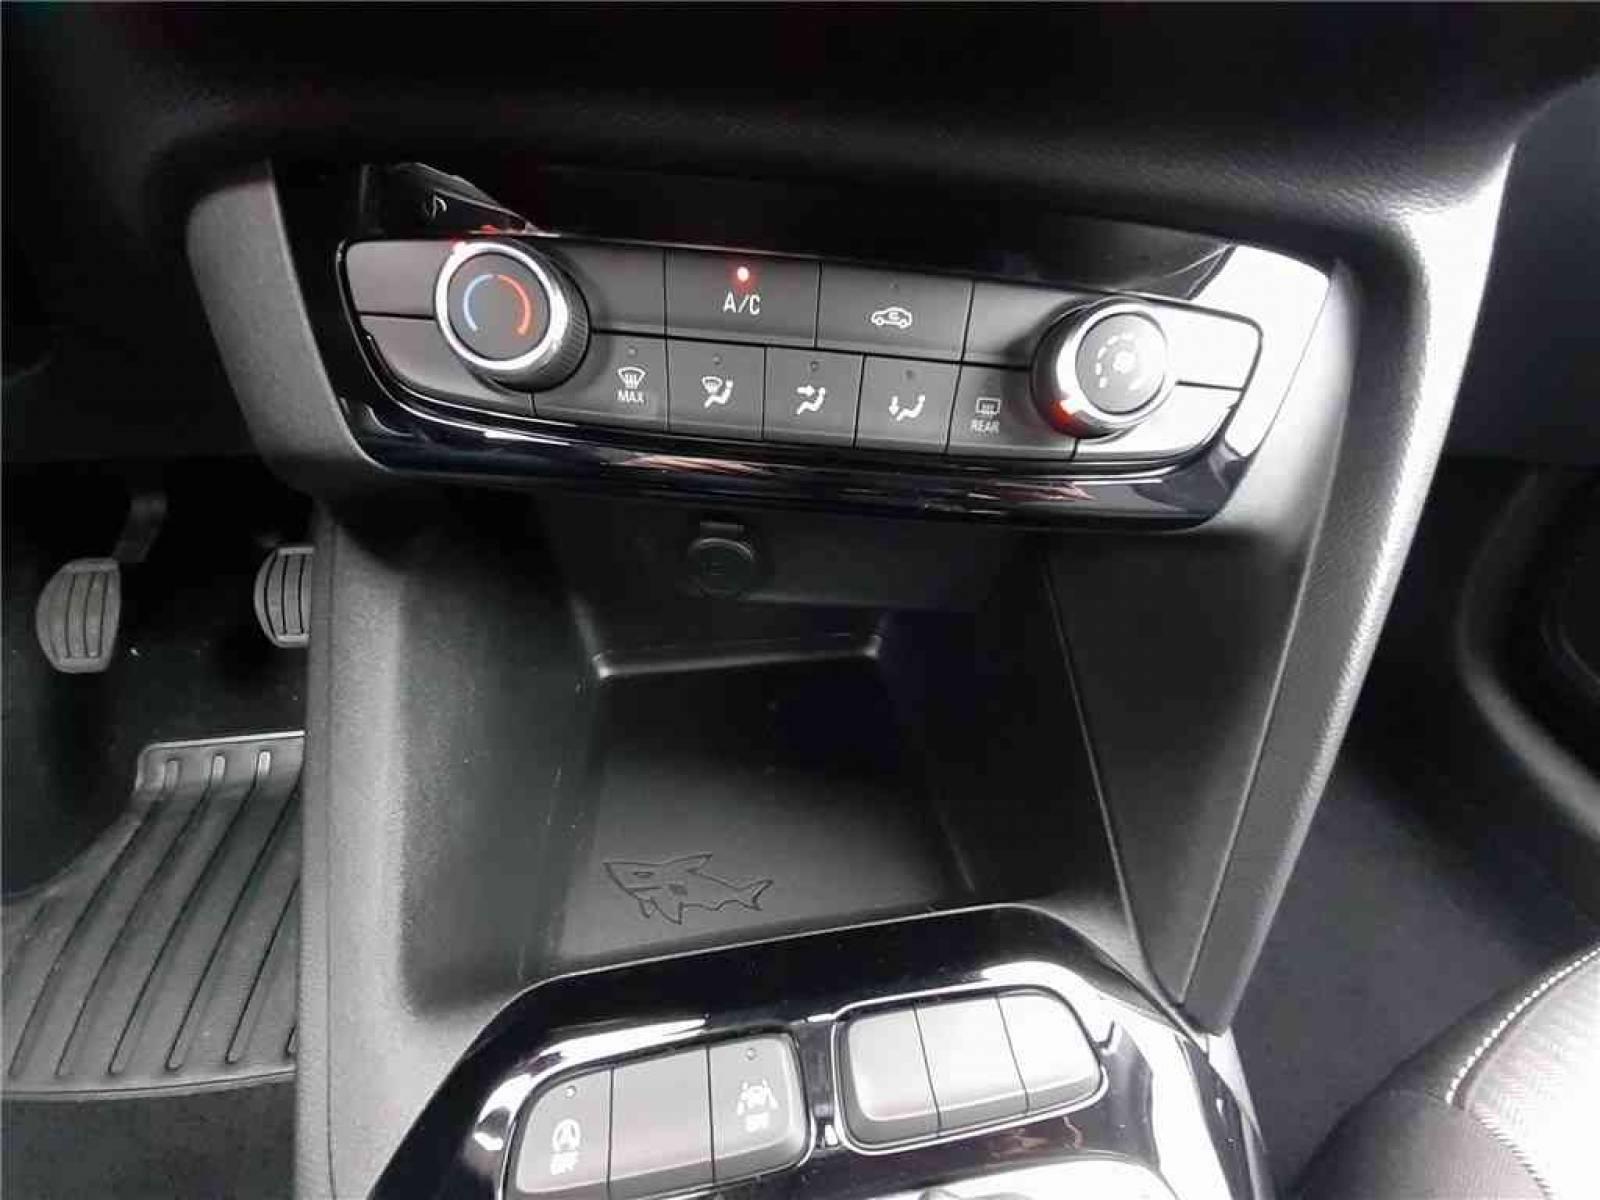 OPEL Corsa 1.2 75 ch BVM5 - véhicule d'occasion - Groupe Guillet - Opel Magicauto - Montceau-les-Mines - 71300 - Montceau-les-Mines - 37